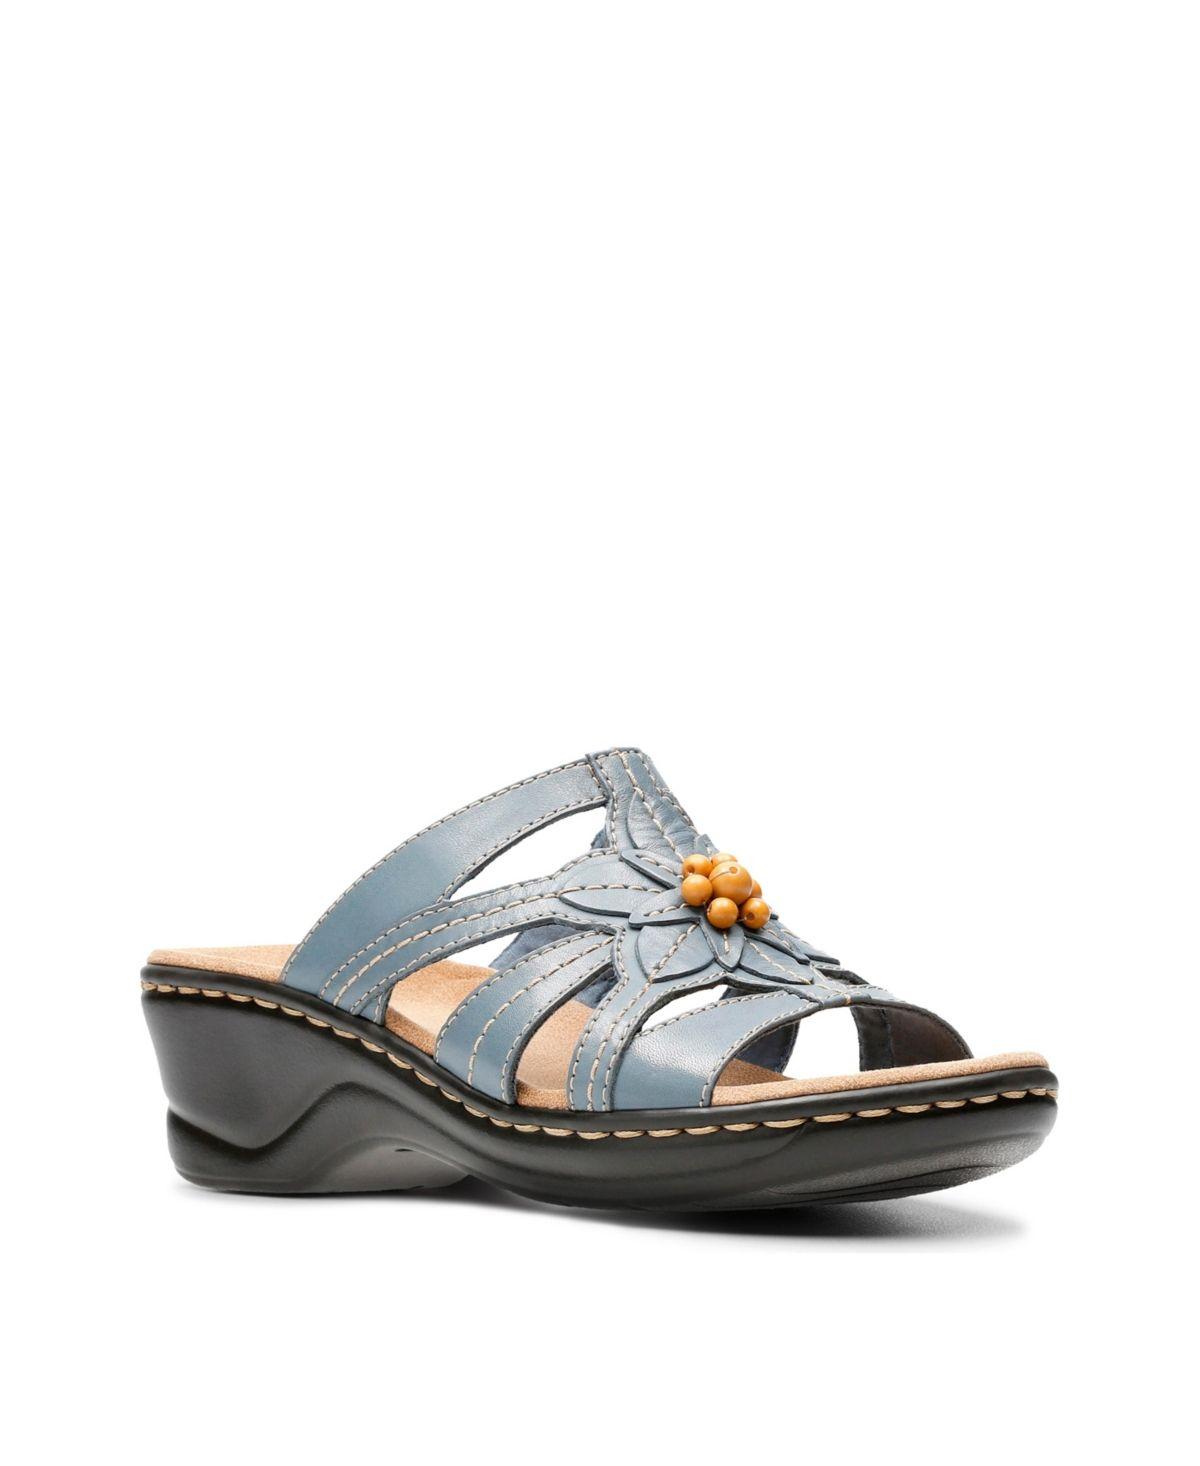 Clarks Collection Women's Lexi Myrtle Sandals Black